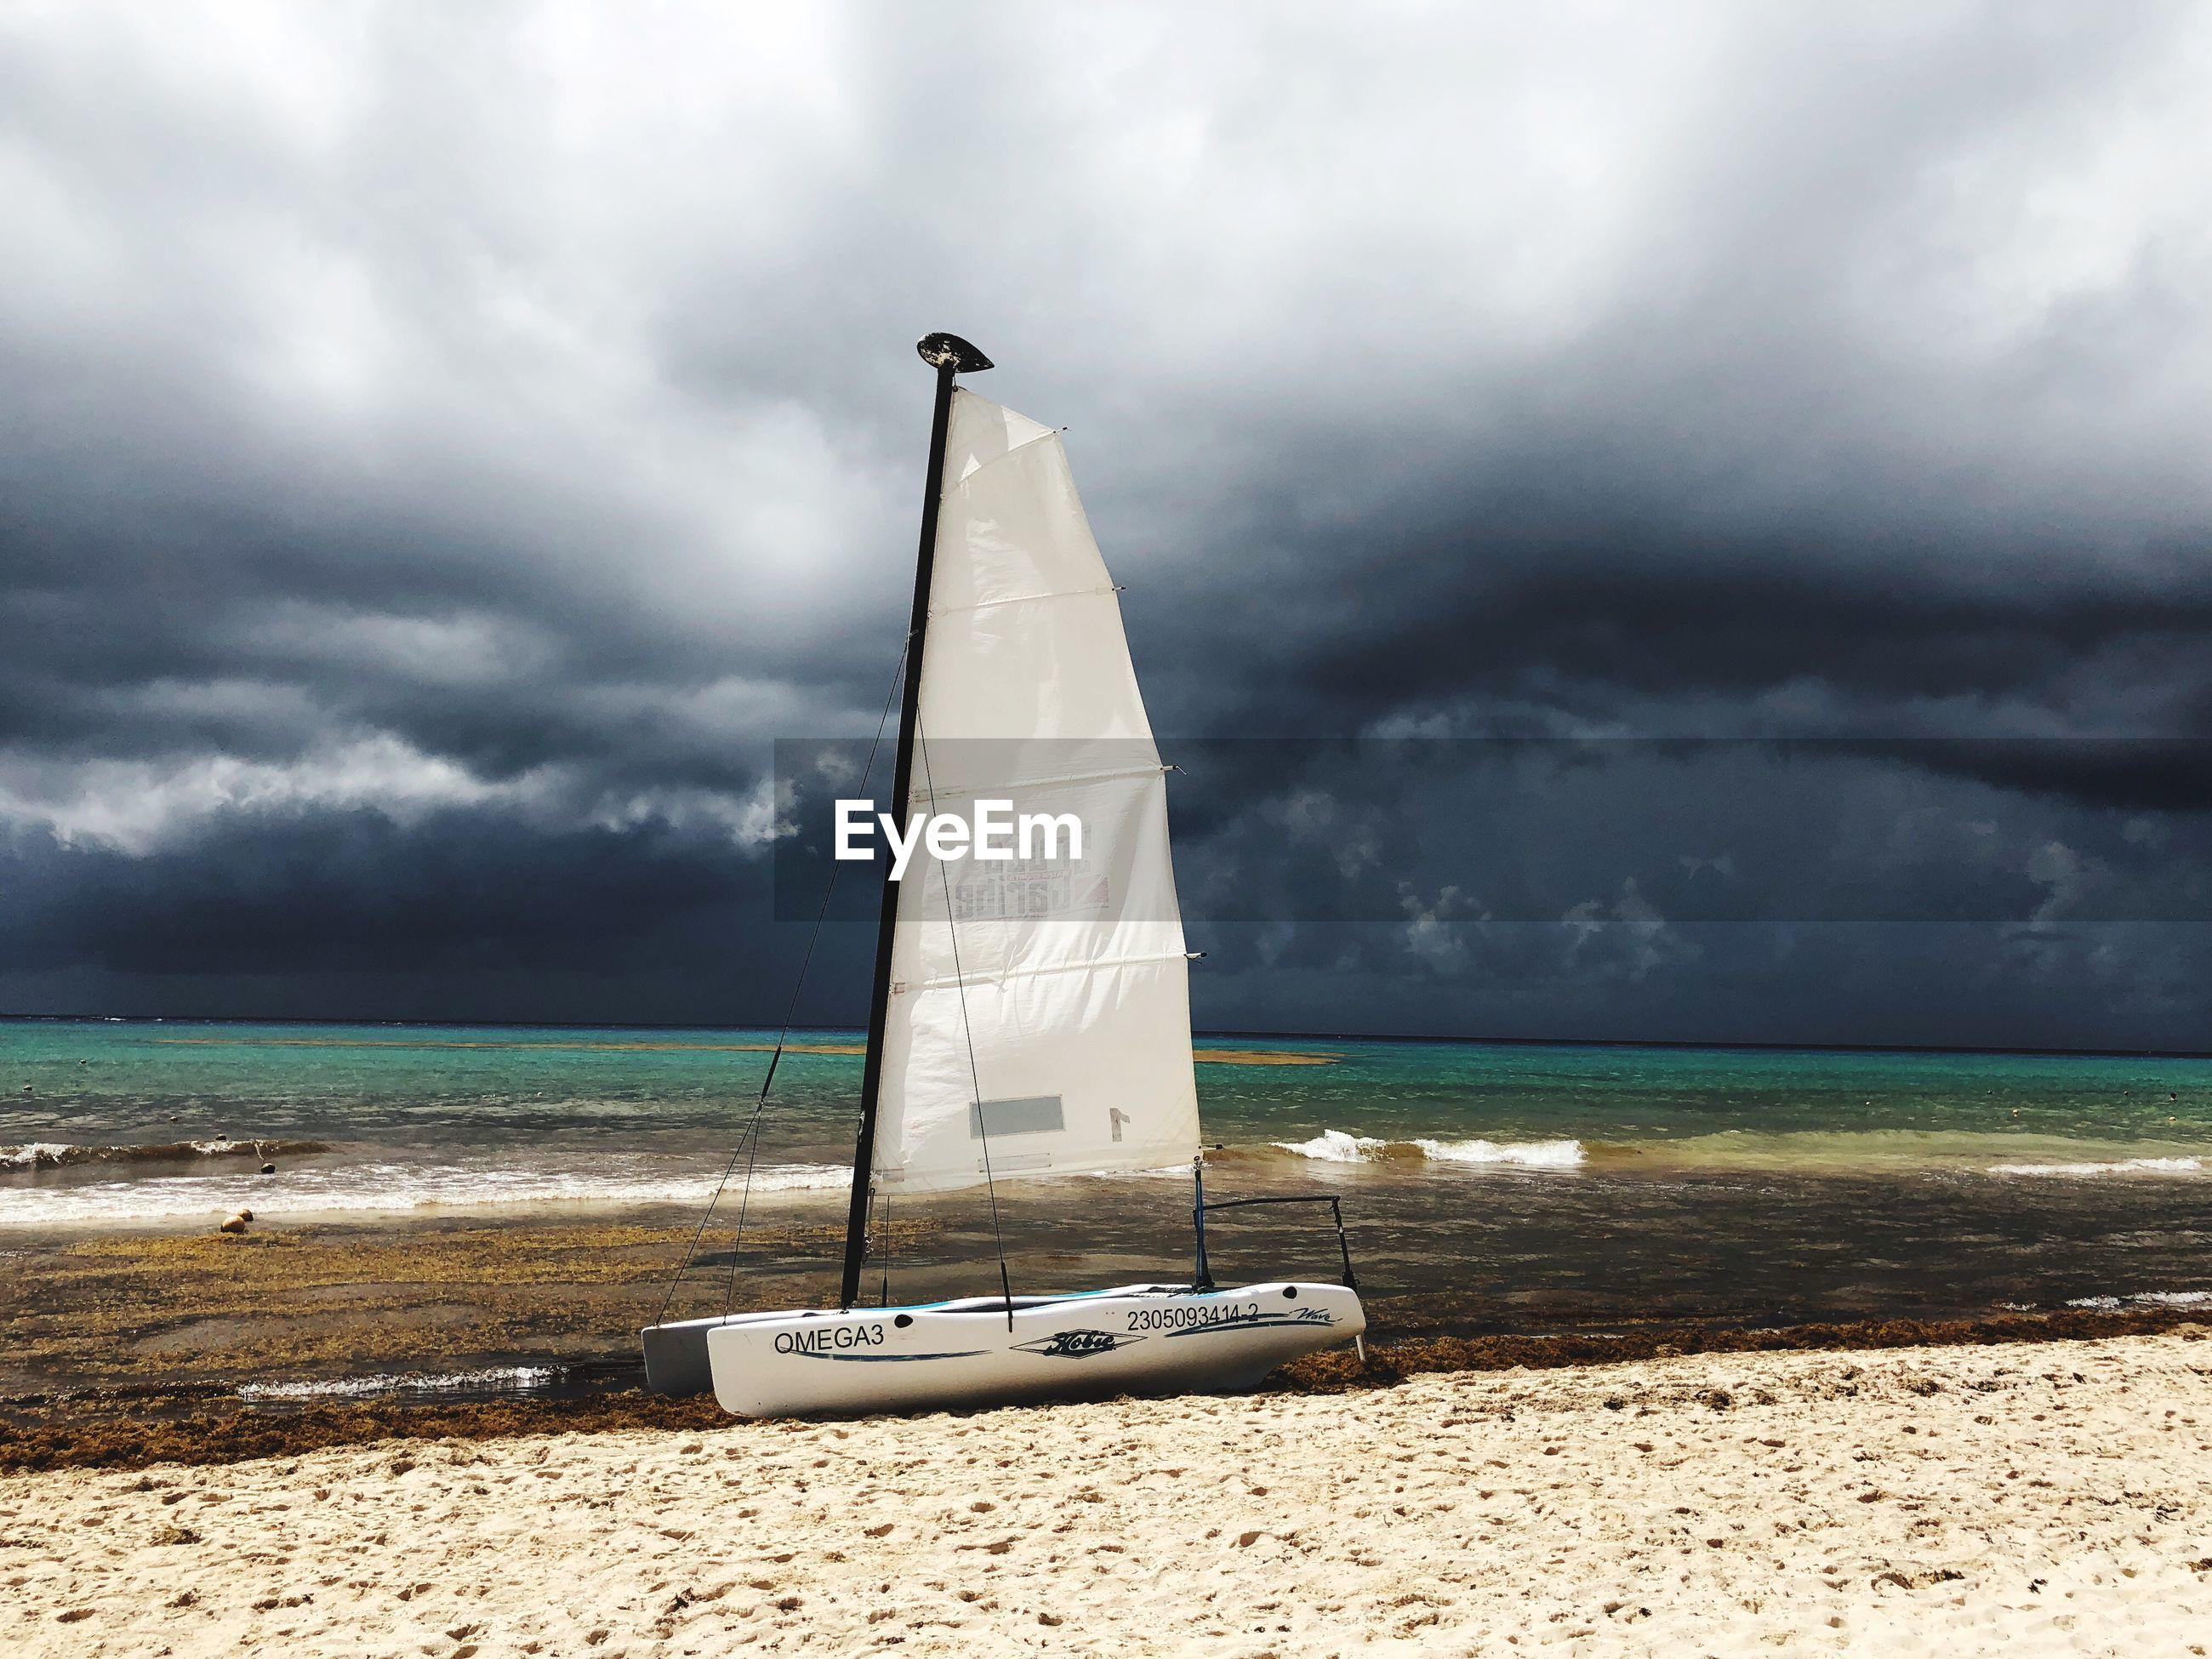 SAILBOAT ON BEACH BY SEA AGAINST SKY